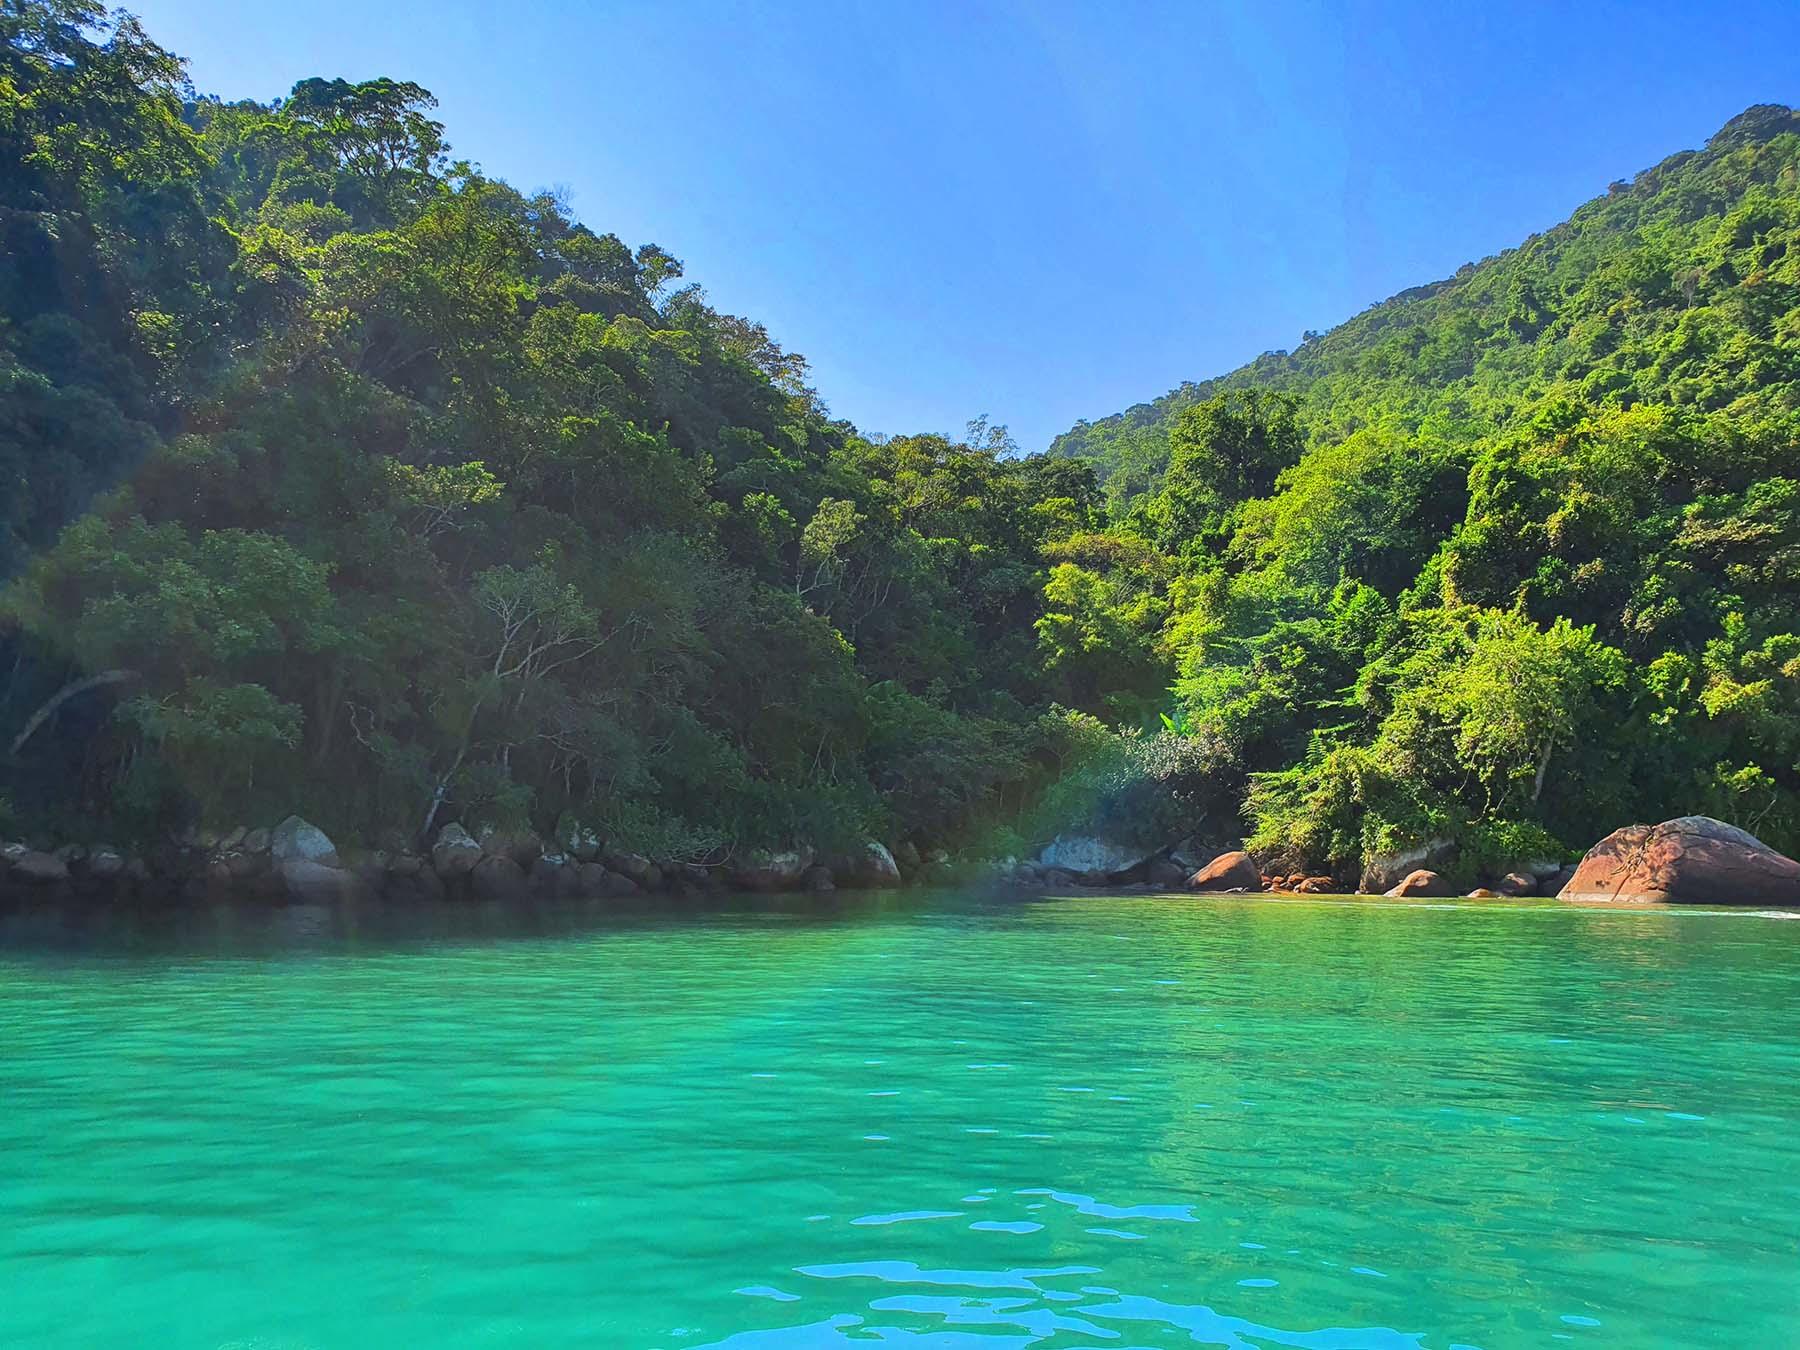 Praia do Buraco, Saco do Mamanguá, Paraty